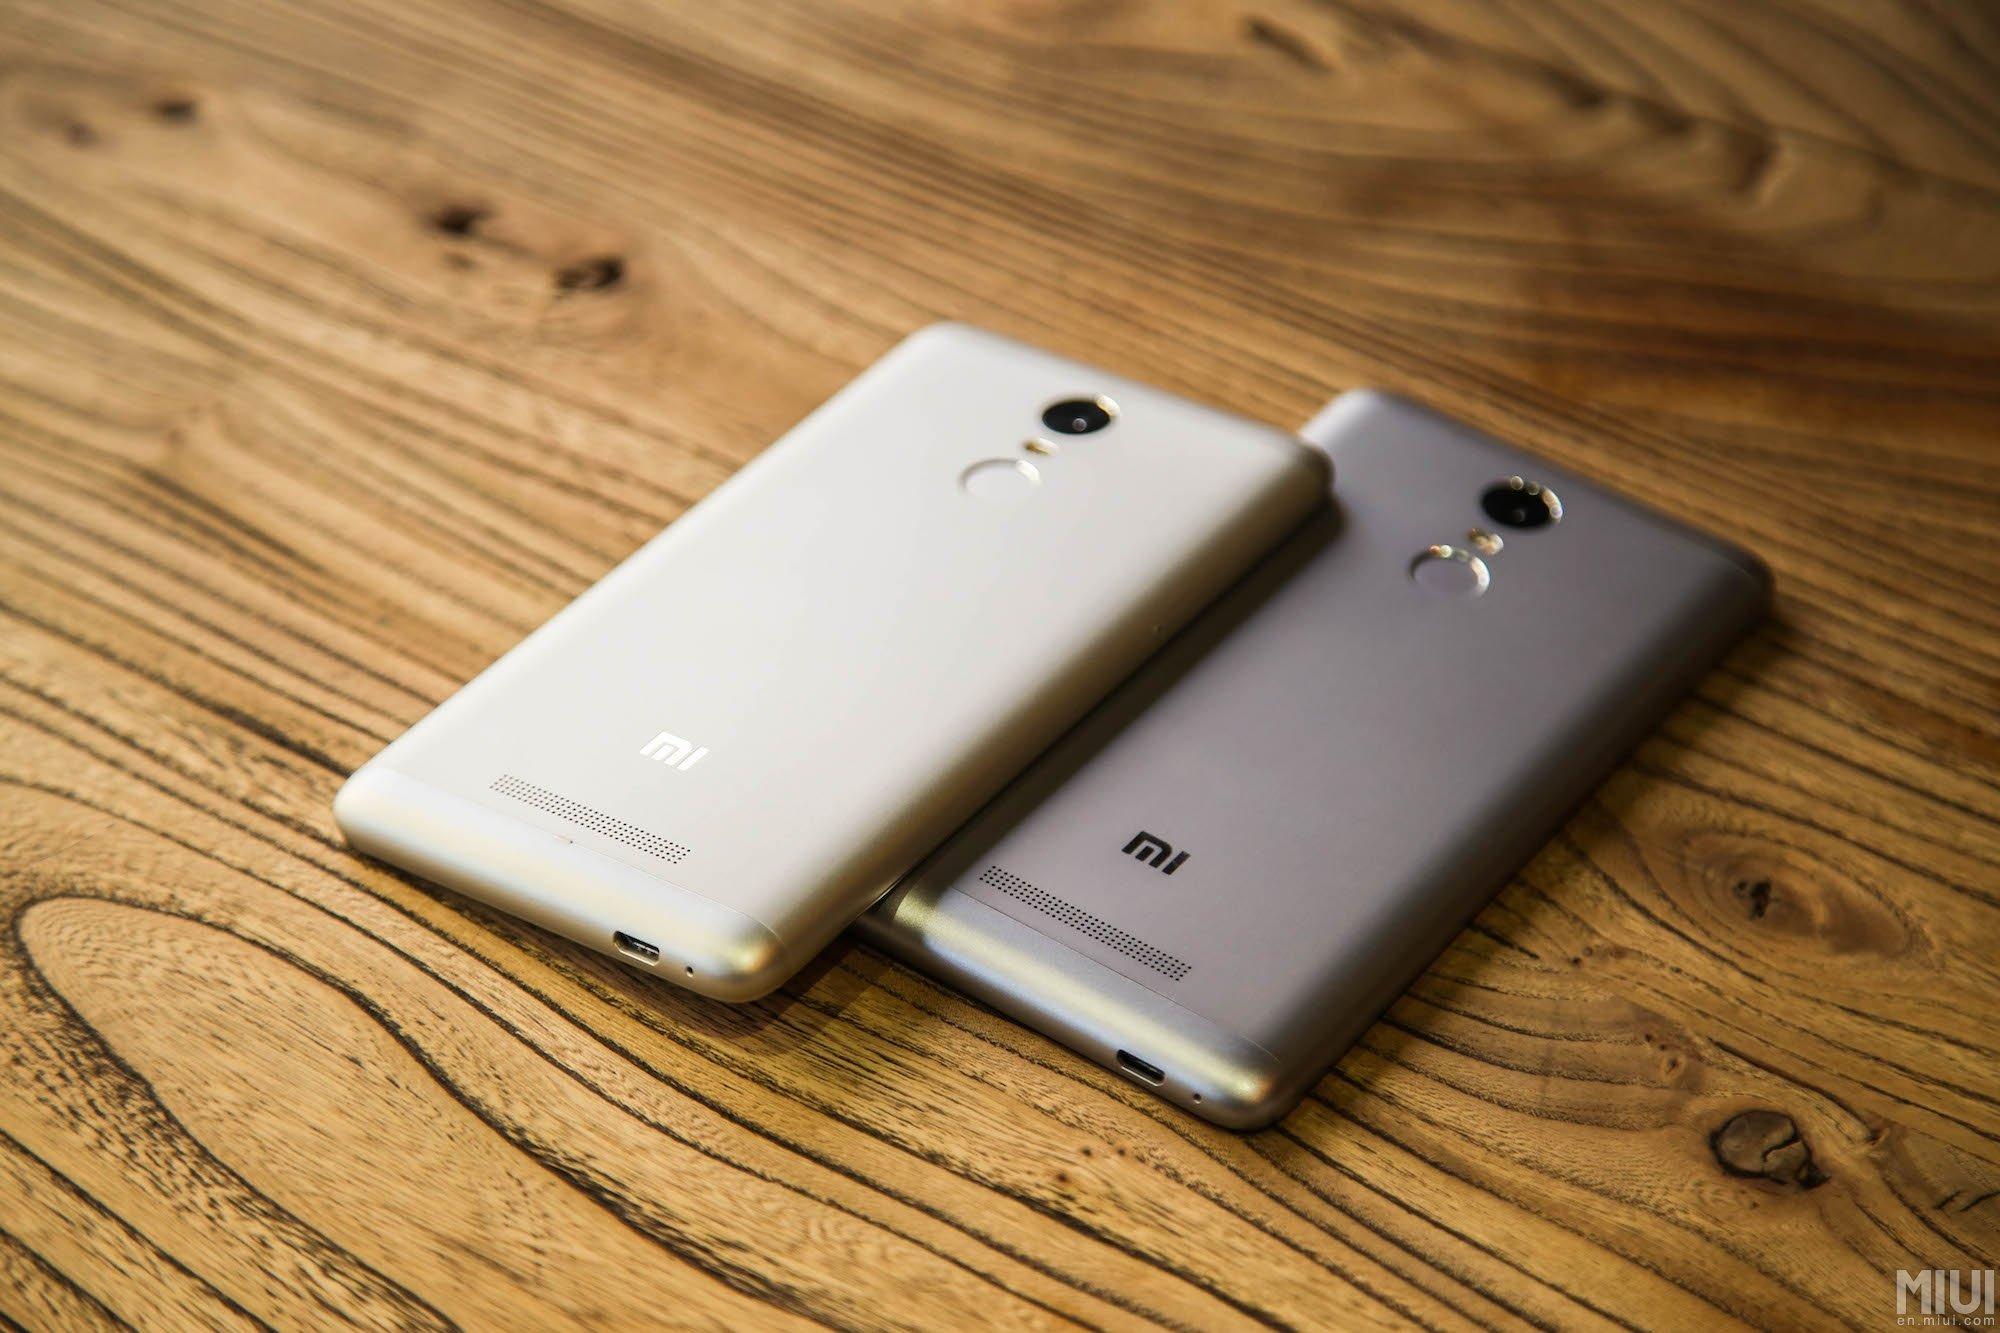 Xiaomi Redmi Note 3 Le Premier Smartphone De La Marque Avec Un Pro 32 Grey